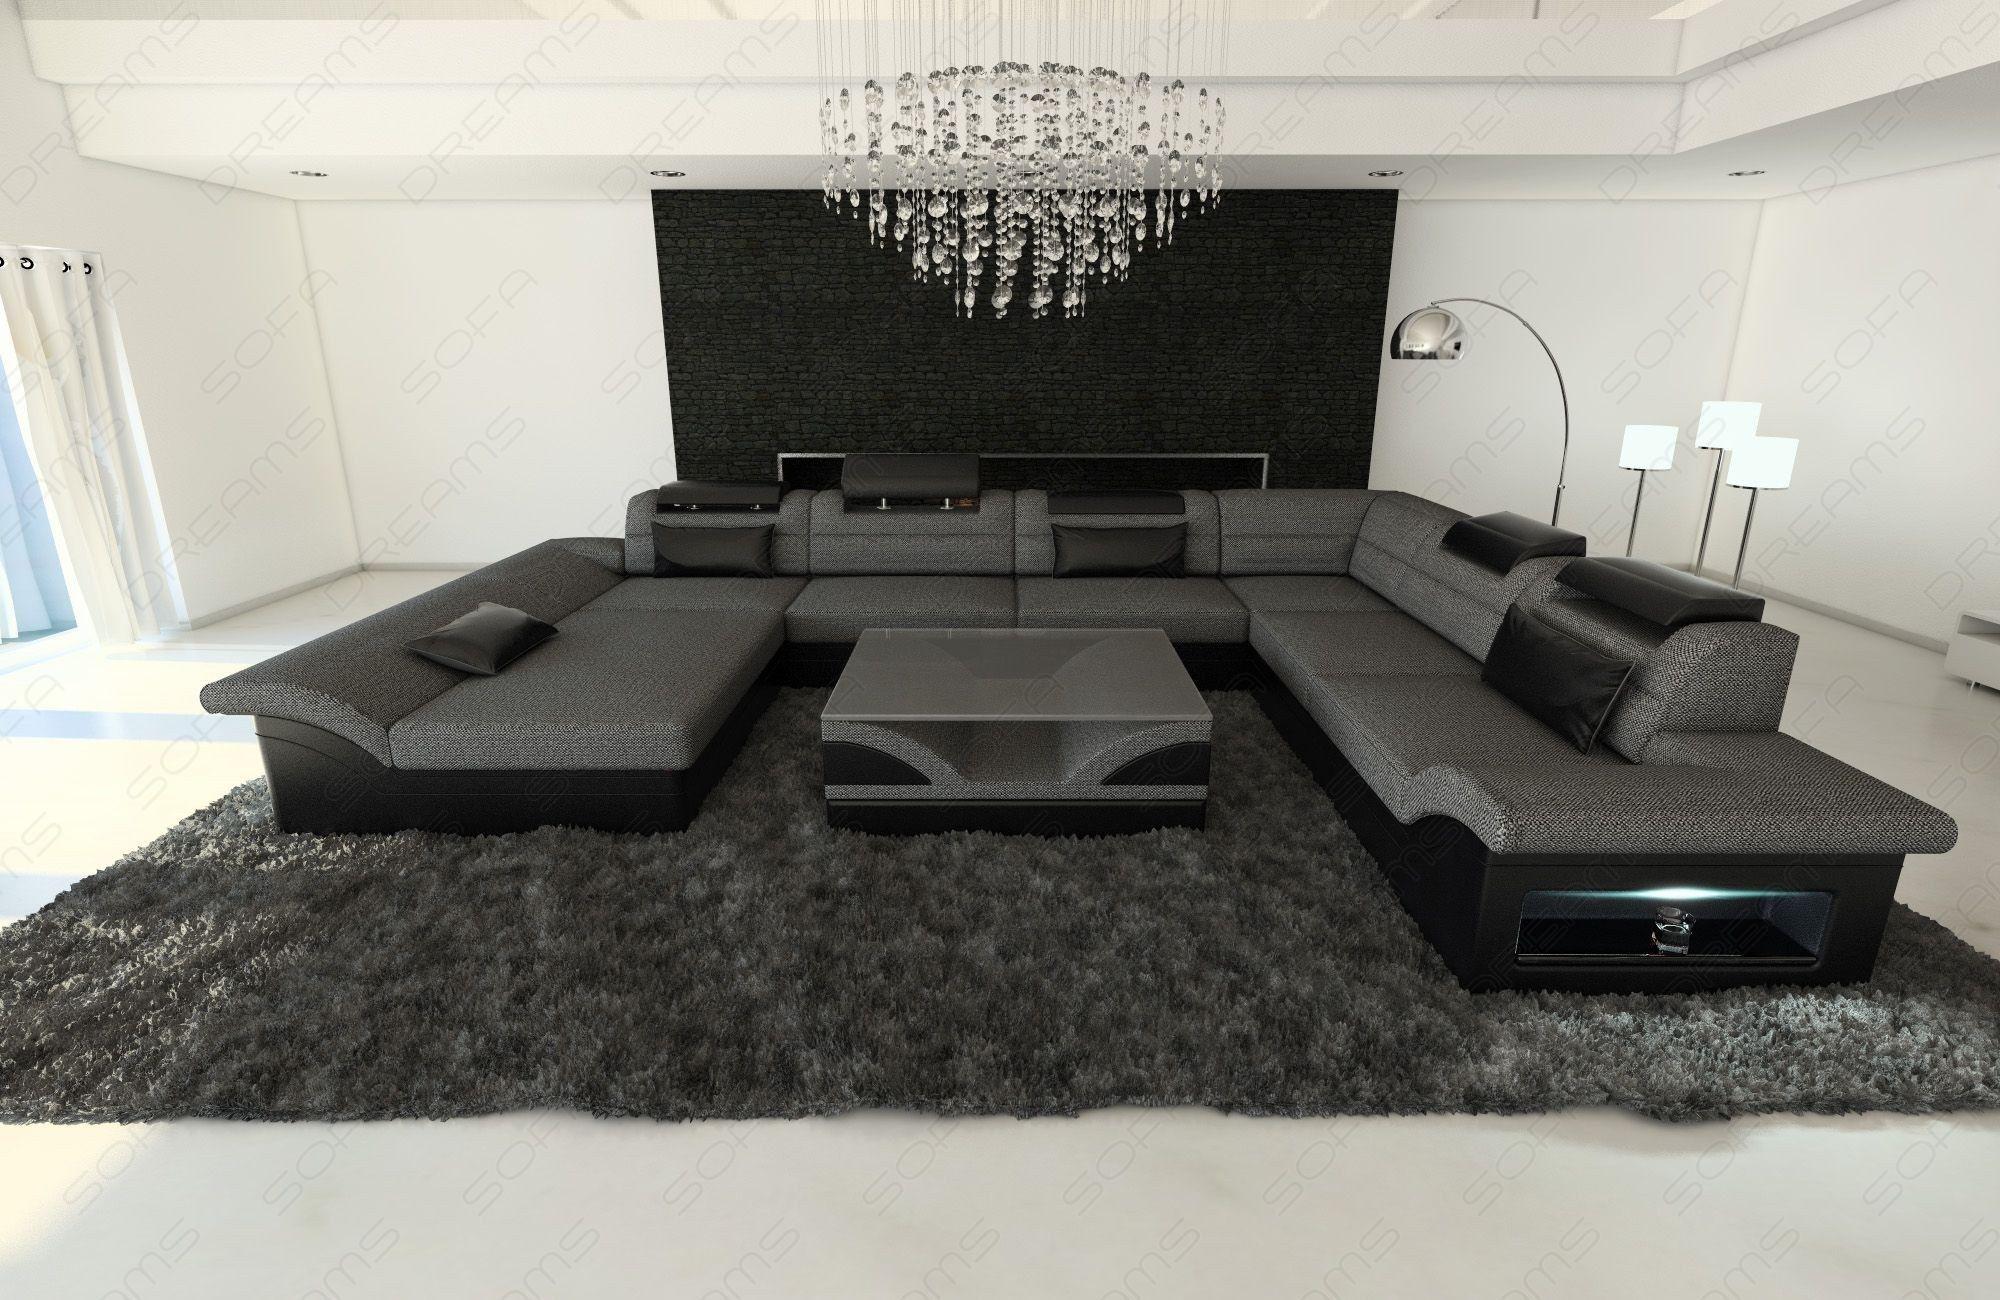 Fabric Design Sofa Atlanta XL With LED | Contemporary Living Room Furniture, Sofa Design, Living Room Sofa Design